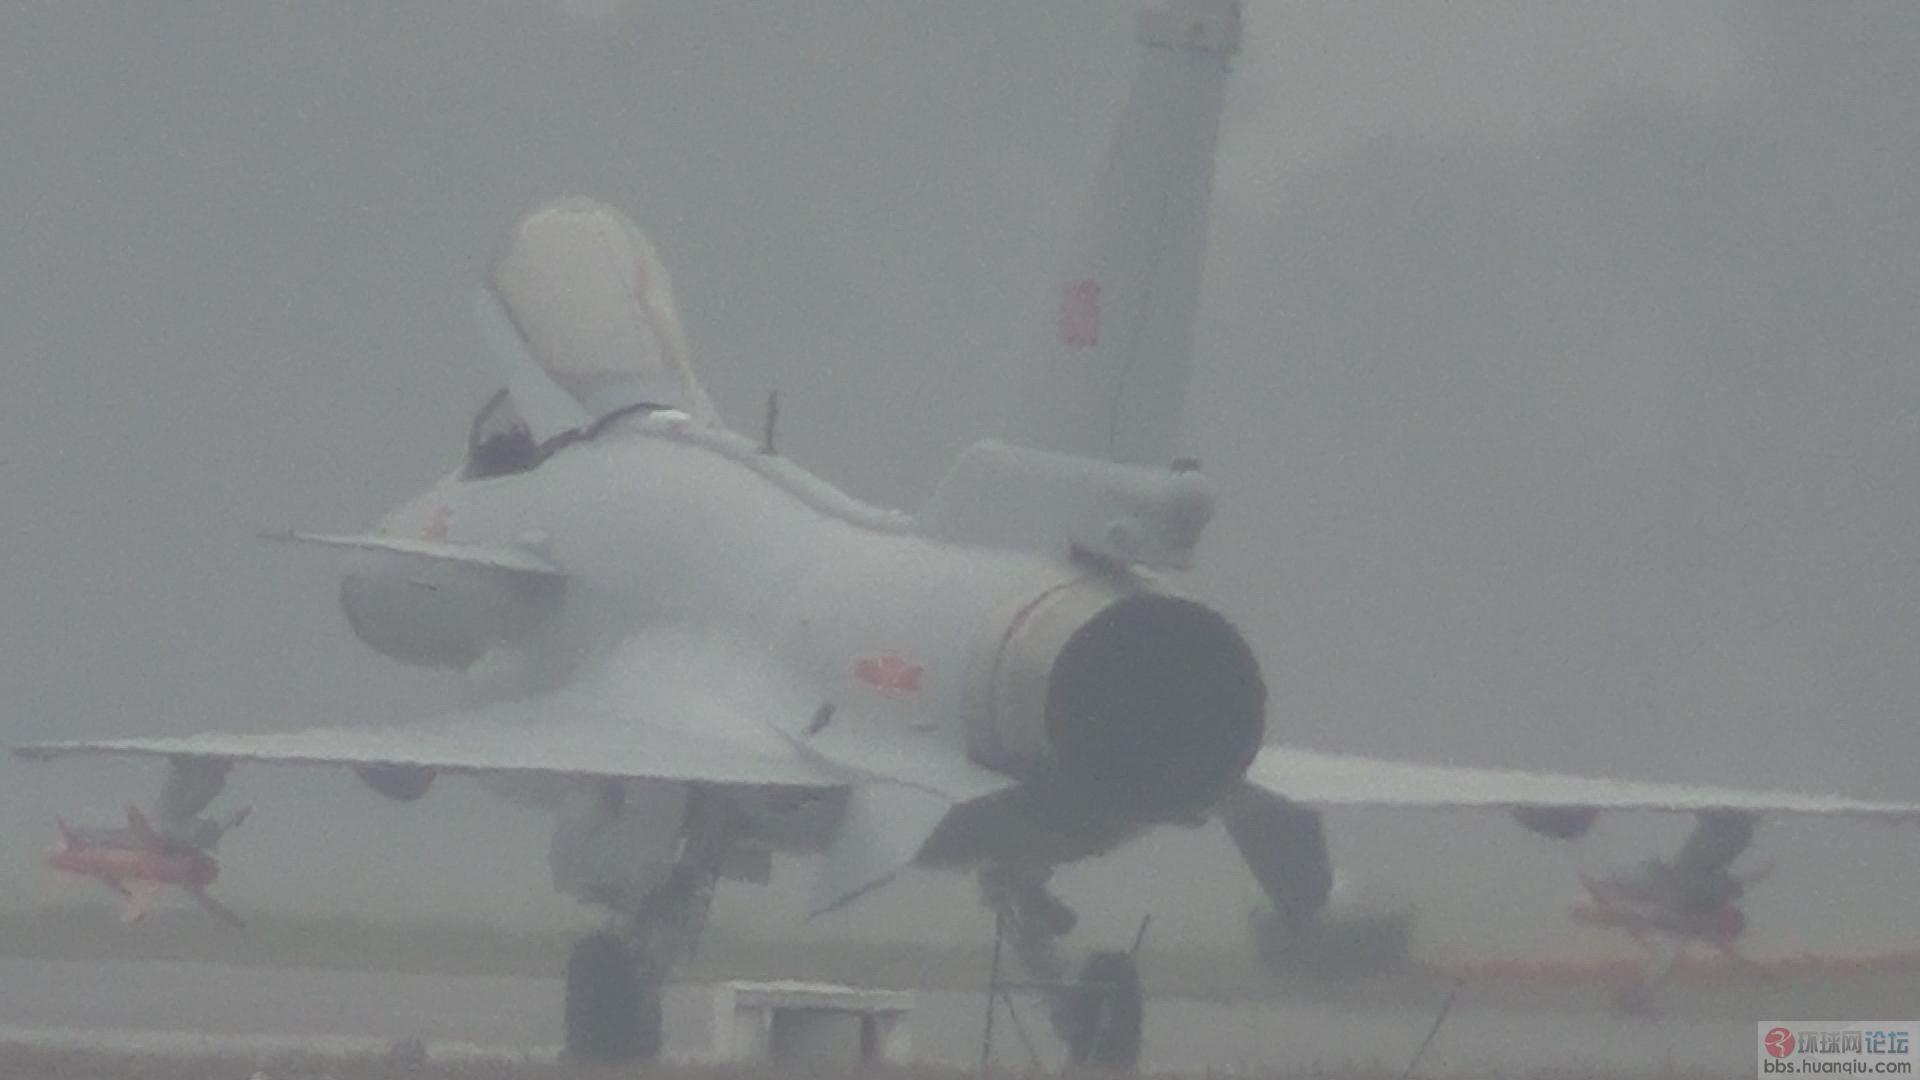 太行发动机逐渐成熟:05号歼十B战机又开始试飞了